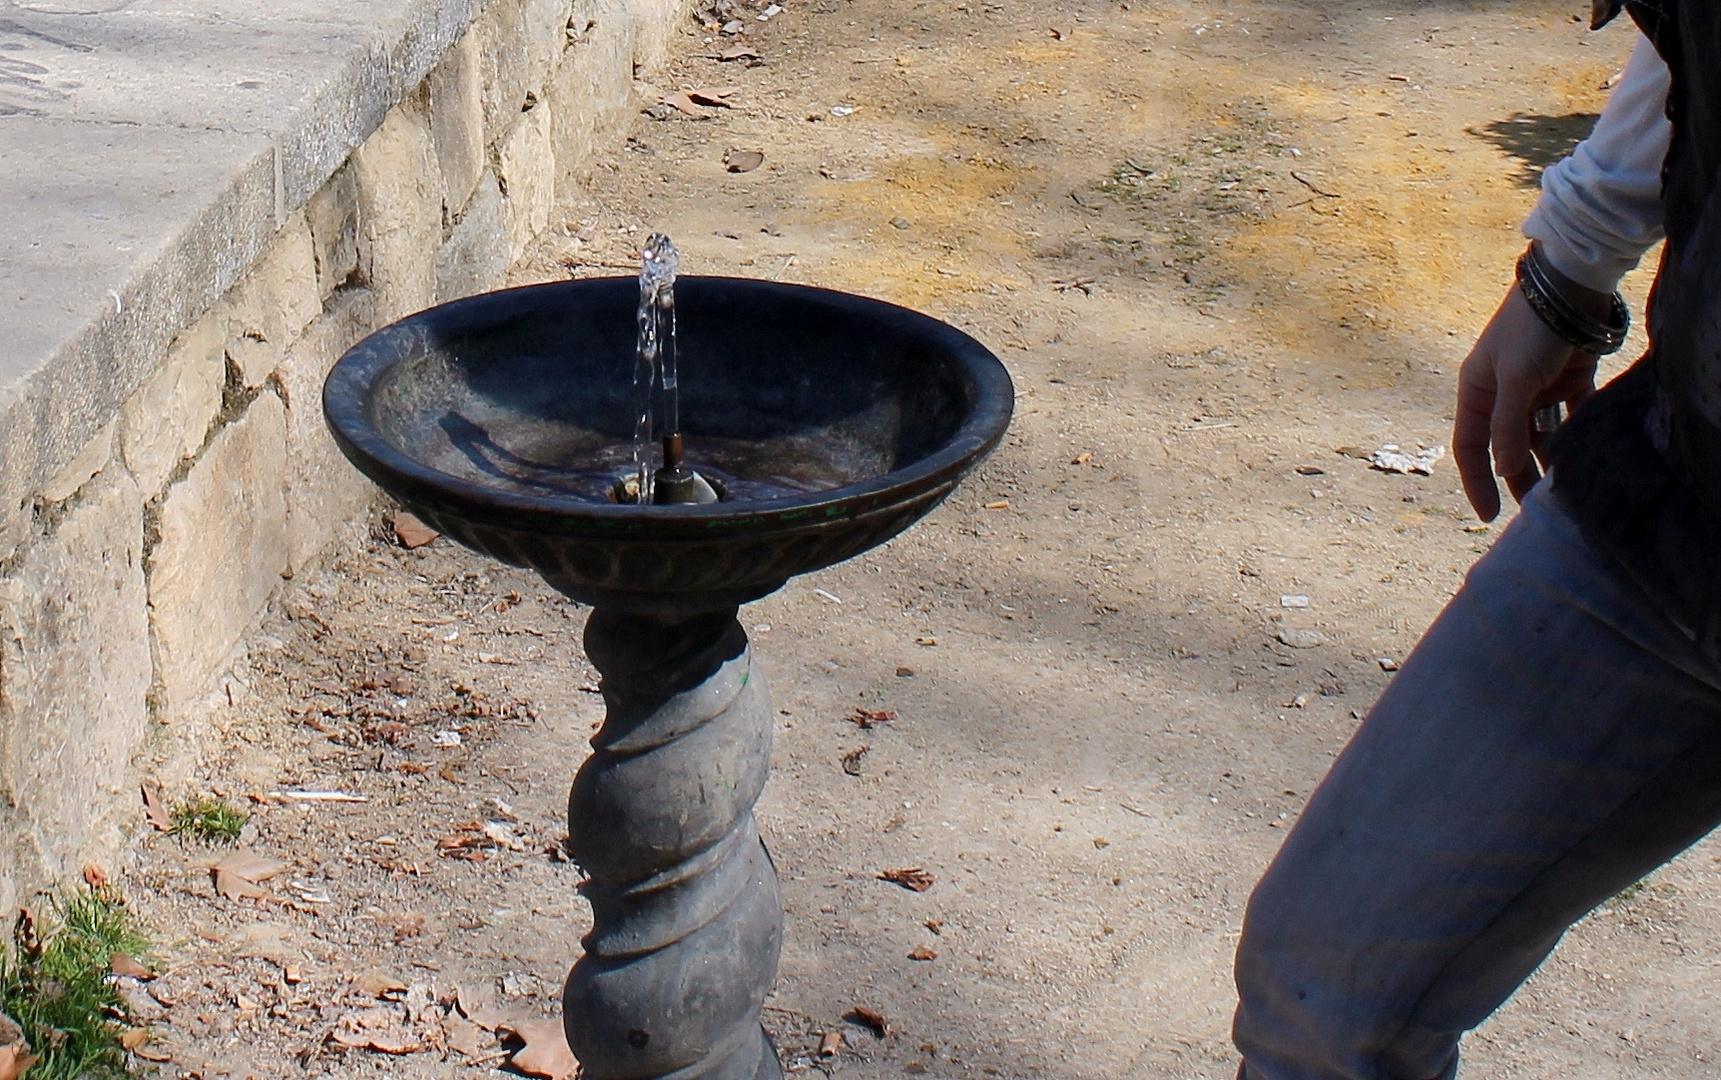 agua que no has de beber,déjala correr...